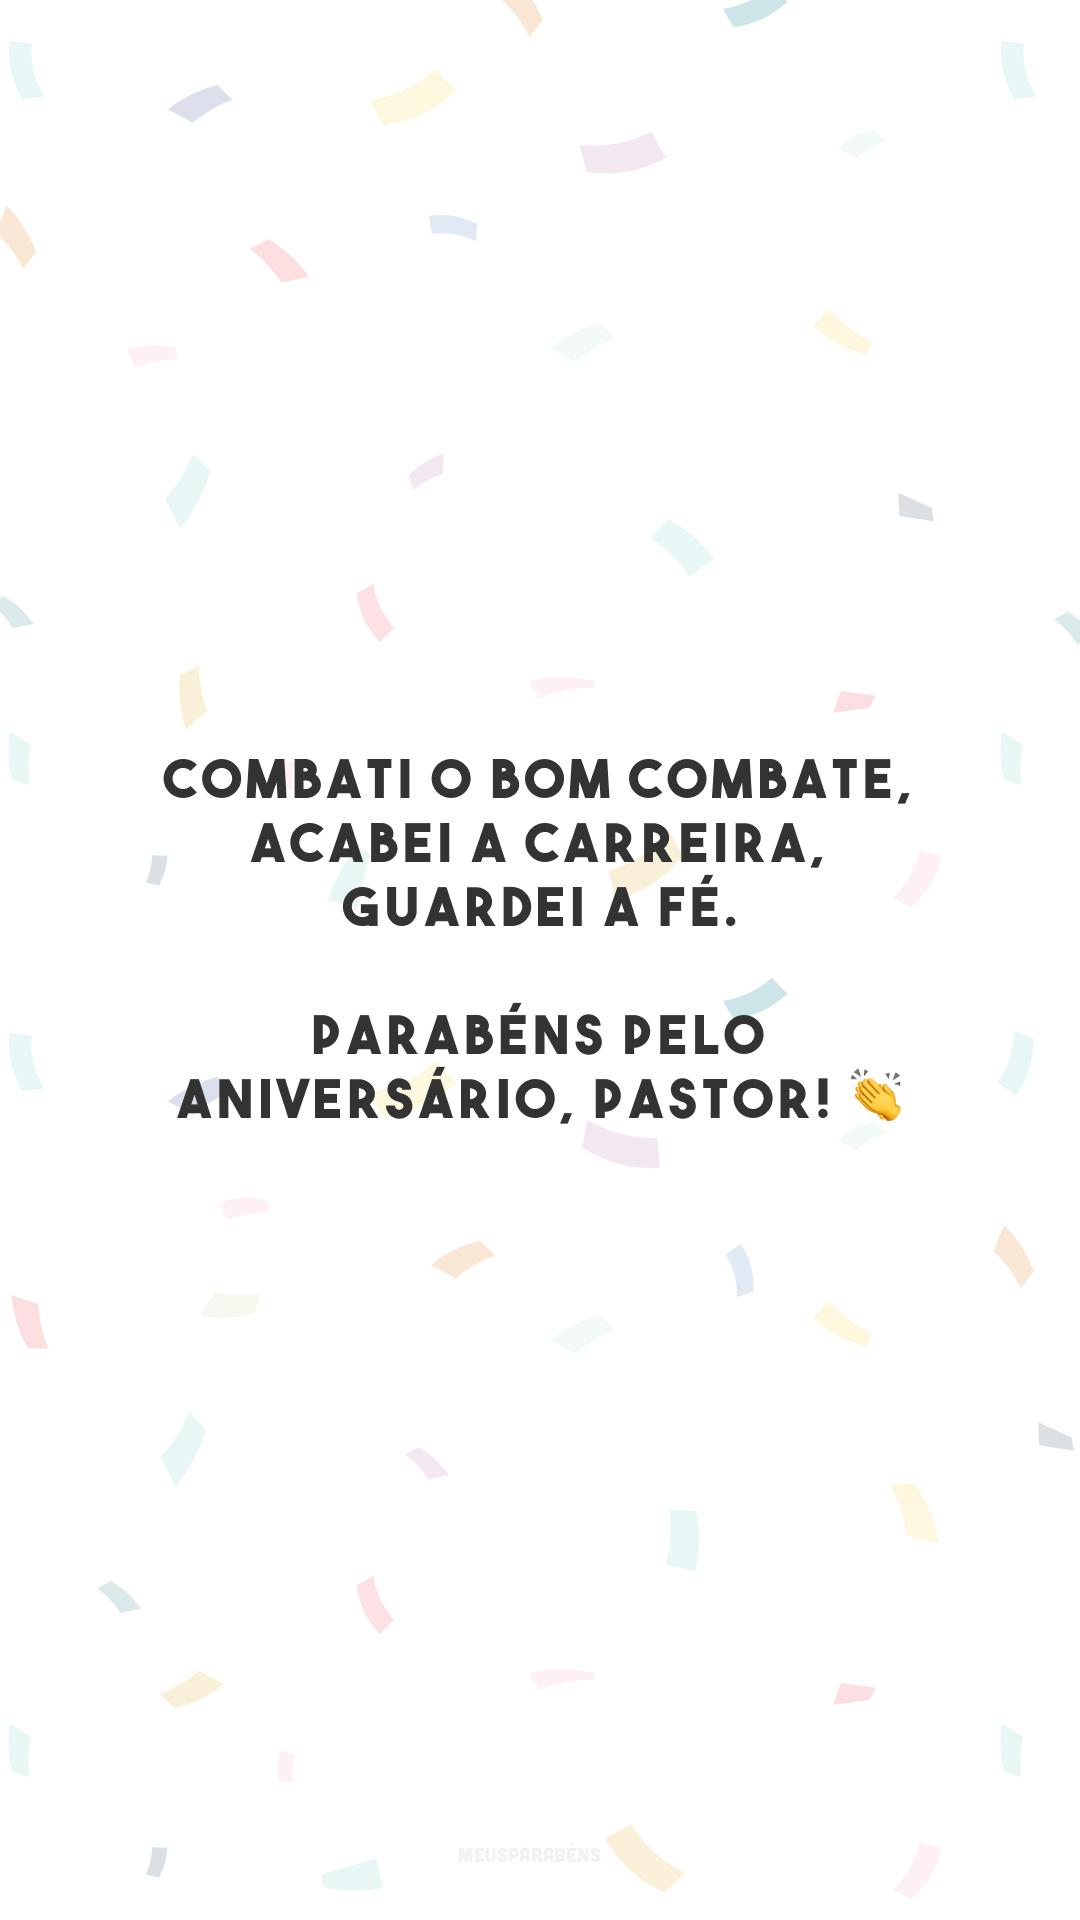 Combati o bom combate, acabei a carreira, guardei a fé. Parabéns pelo aniversário, pastor! 👏